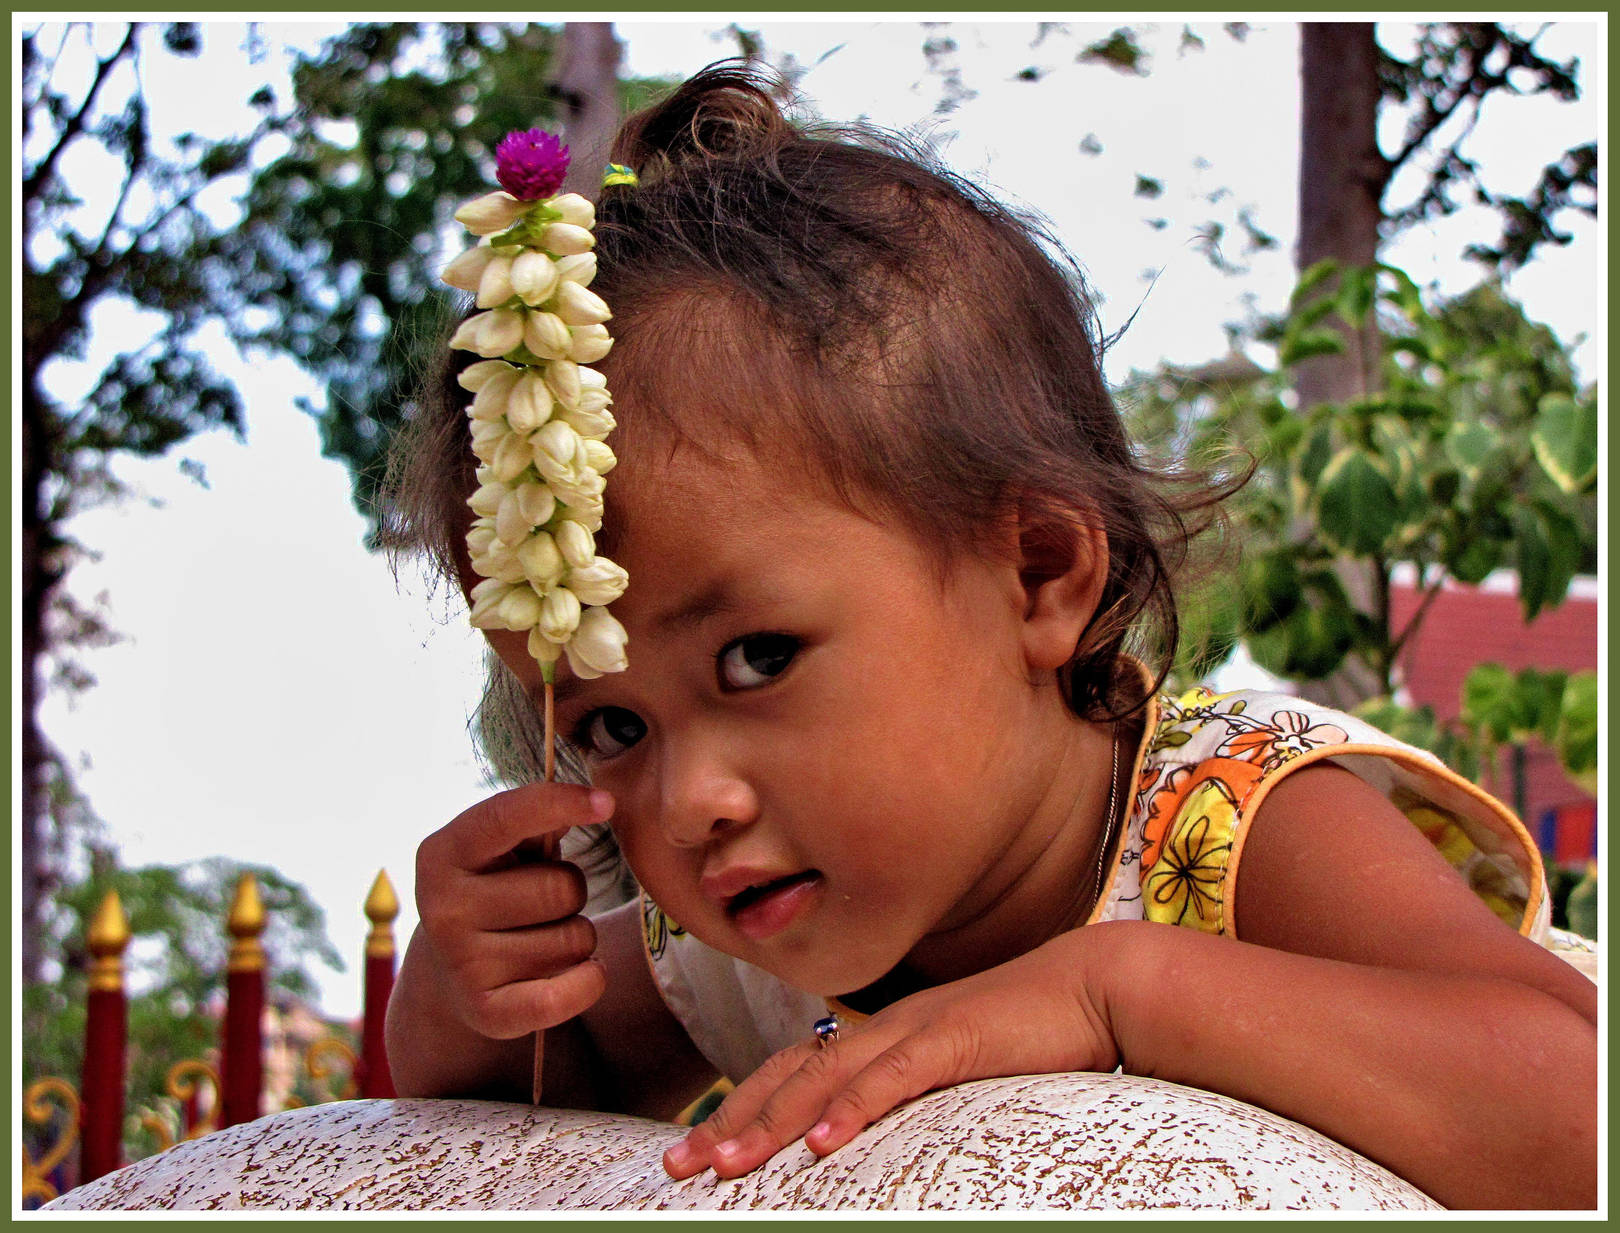 Дети Юго-Восточной Азии (Children of South-East Asia)